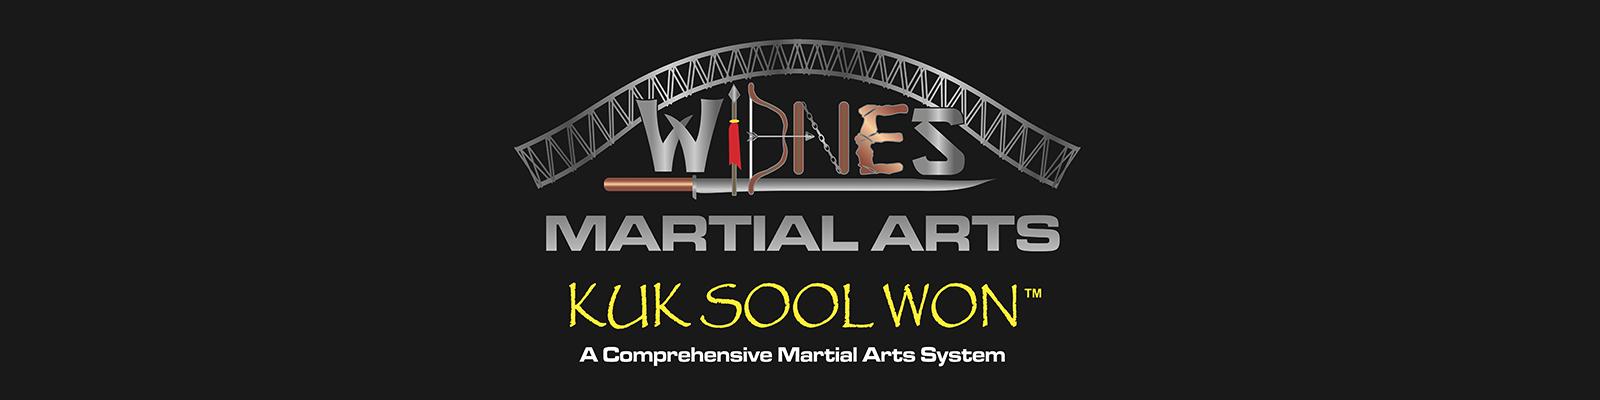 Widnes-Logo-copy